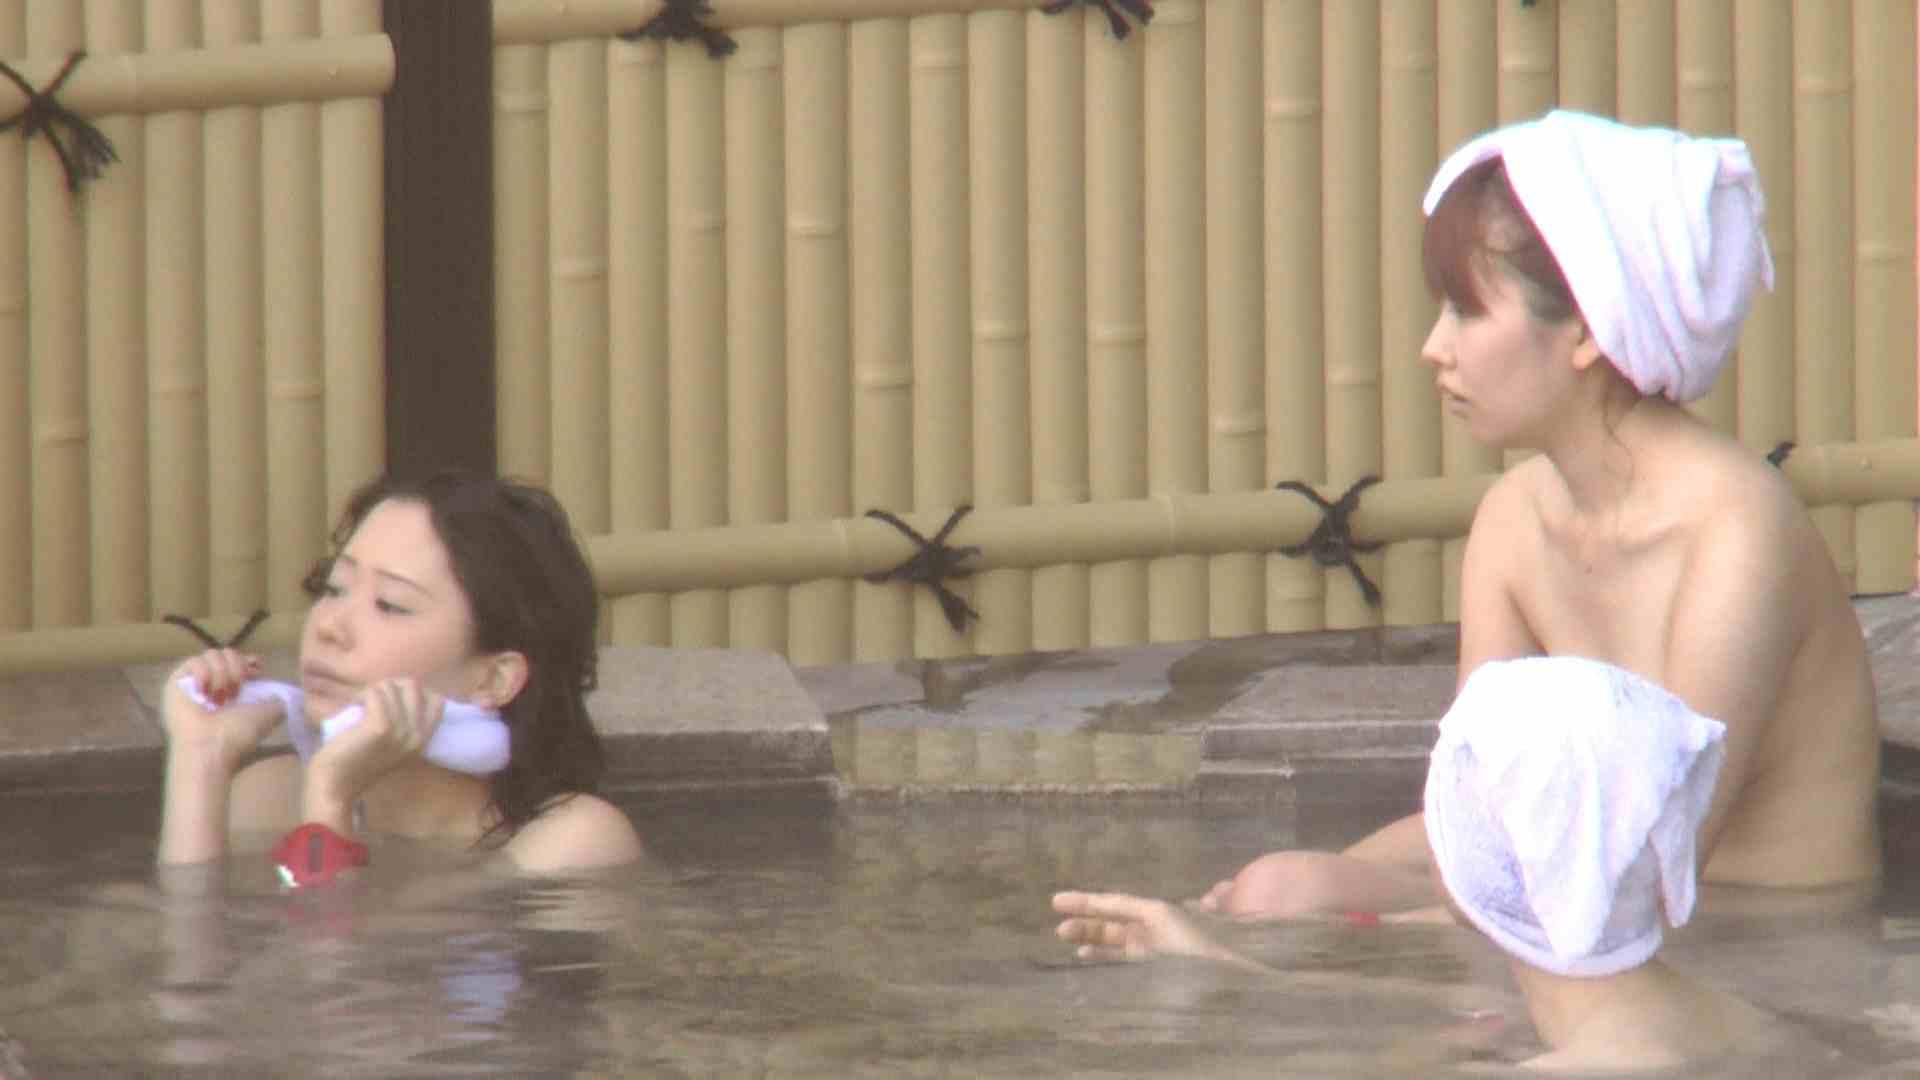 Aquaな露天風呂Vol.211 盗撮 オメコ動画キャプチャ 91連発 38